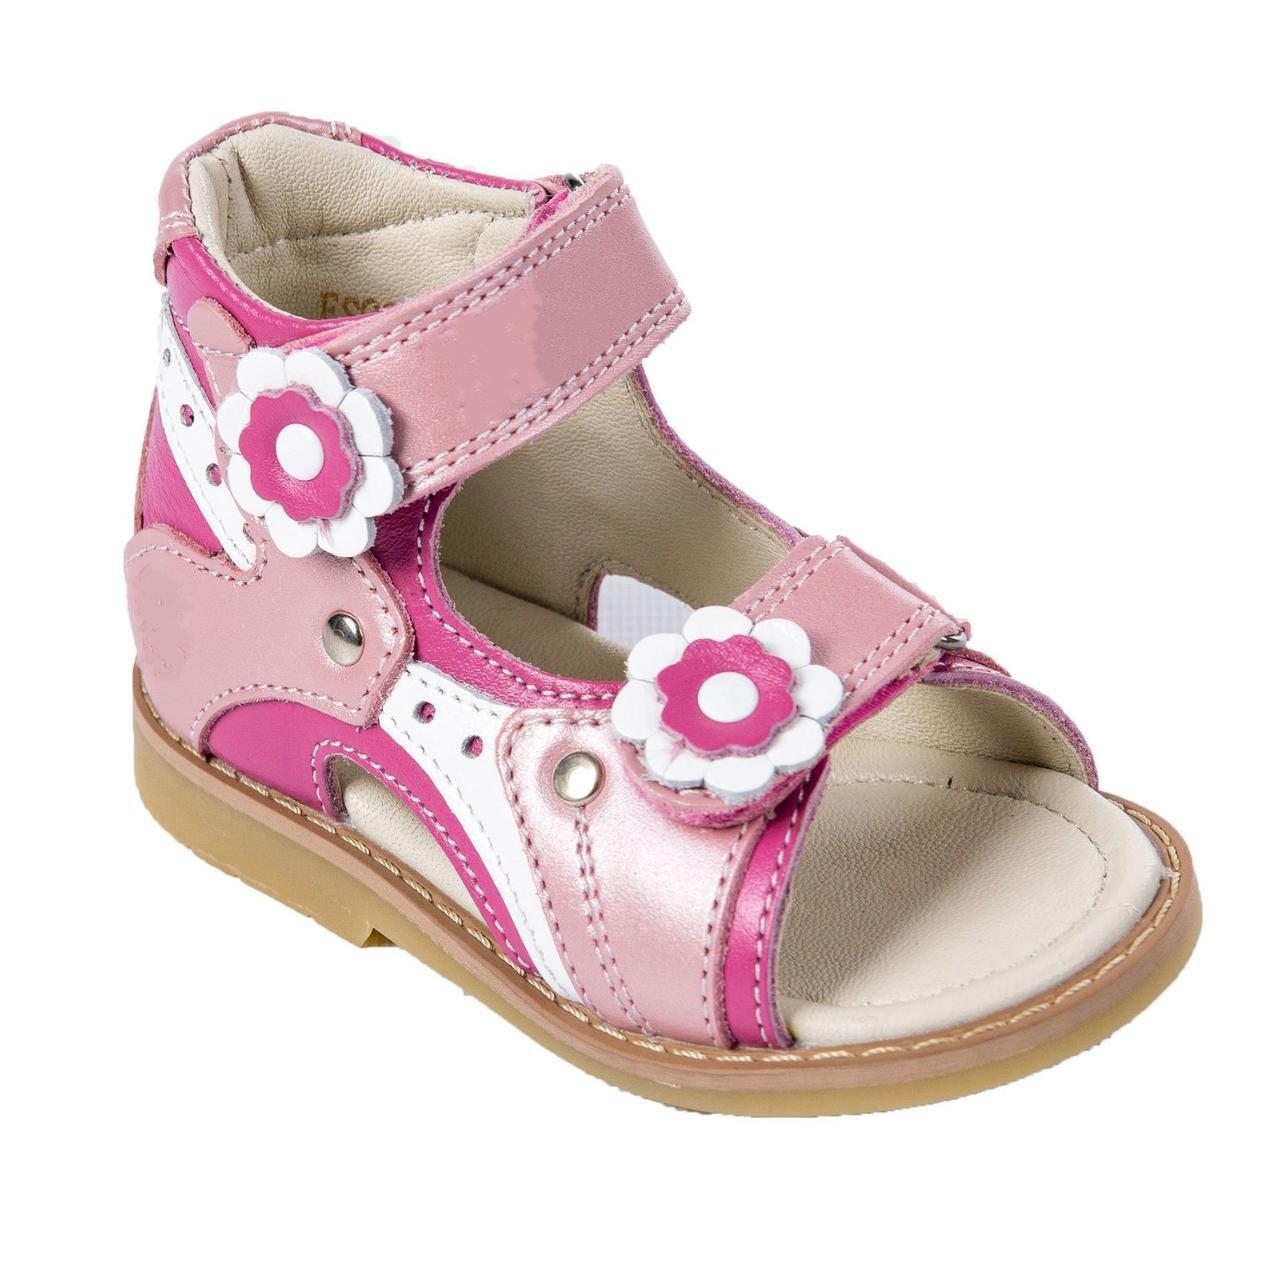 Ортопедические сандалии для девочки с супинатором Ortop 002-1Pink(кожа), цвет розовый с белым, размер 20